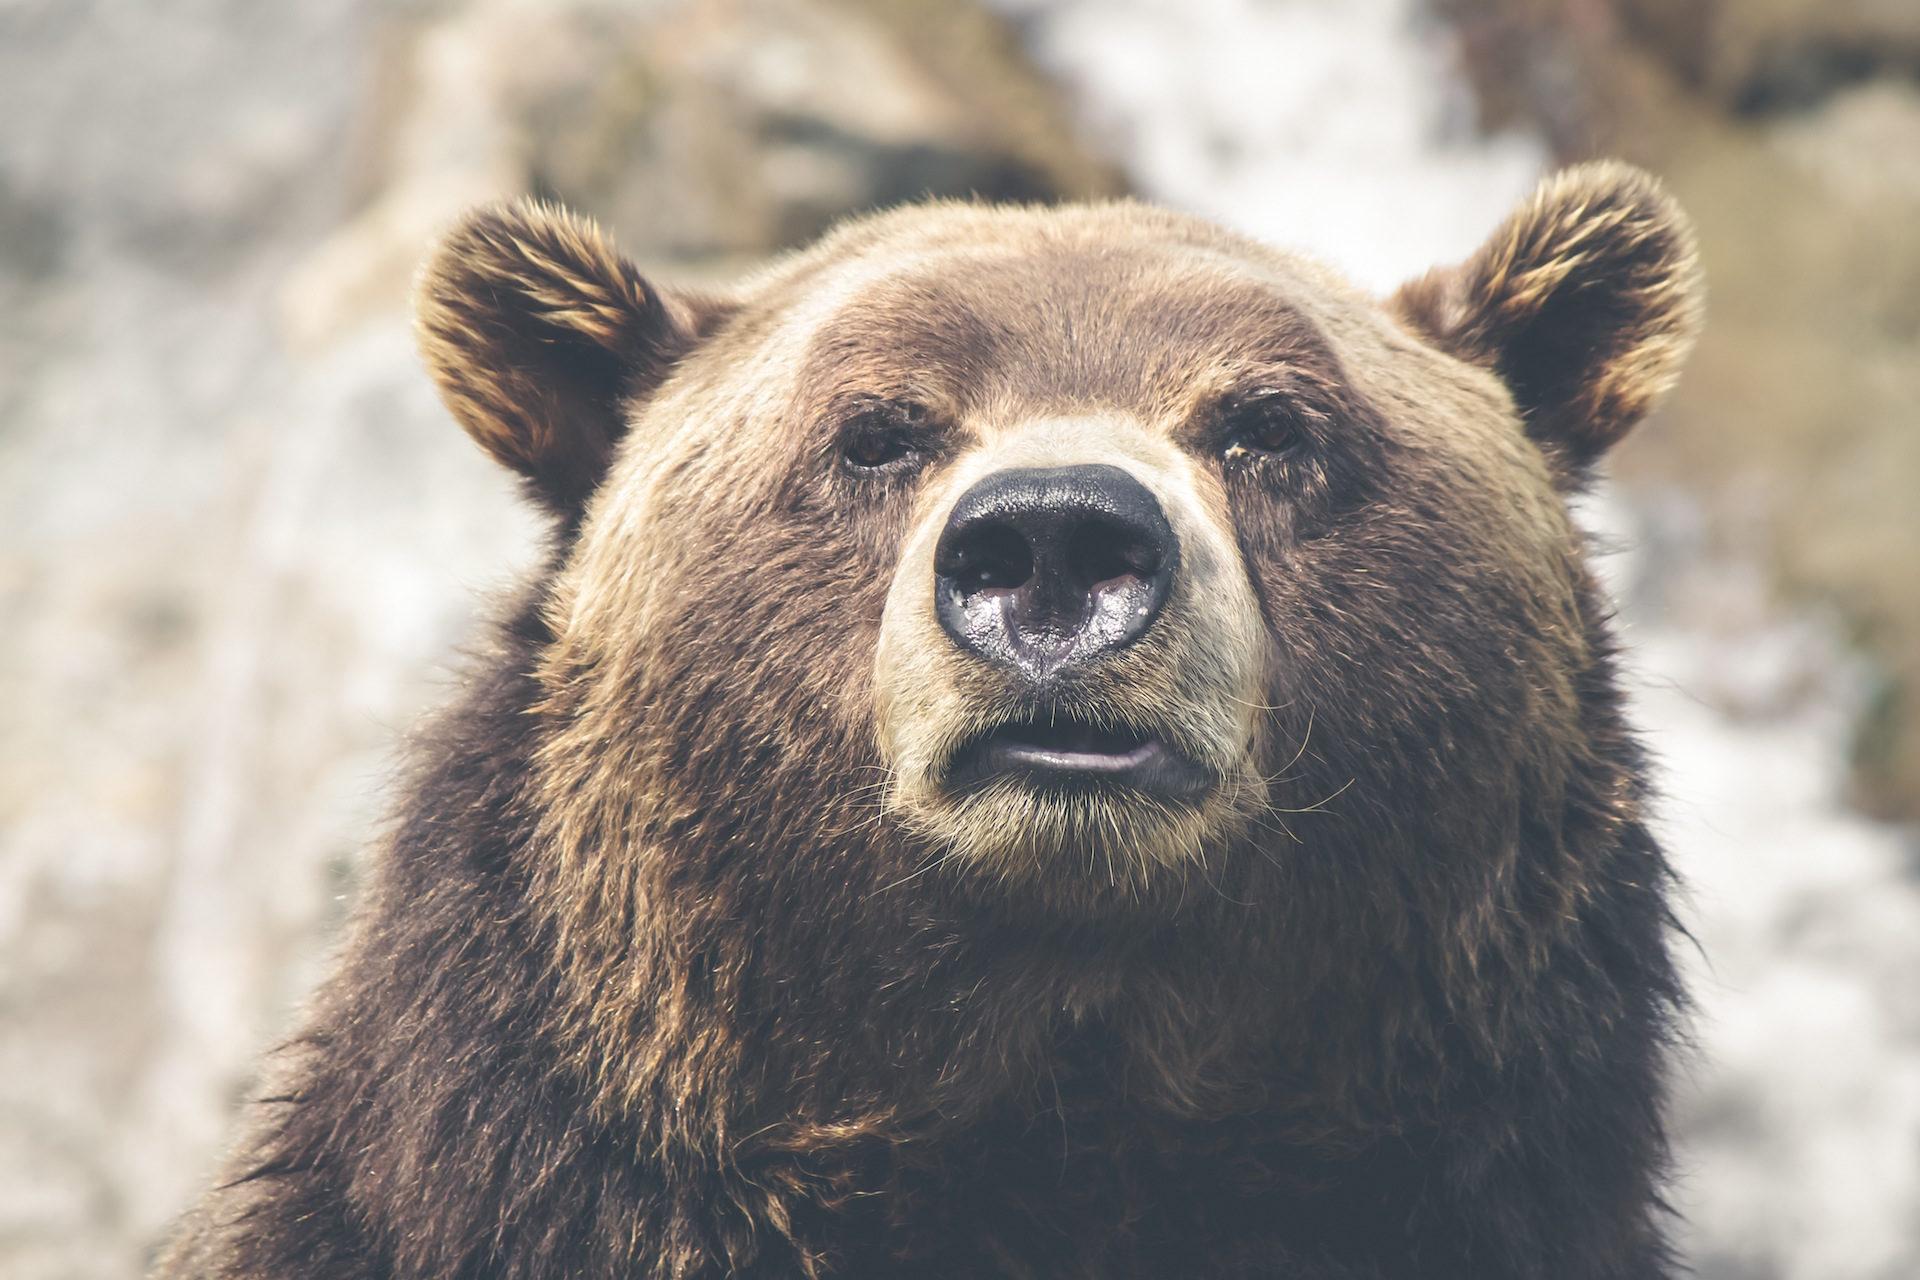 urso, Pardo, Olha, focinho, Selvagem - Papéis de parede HD - Professor-falken.com